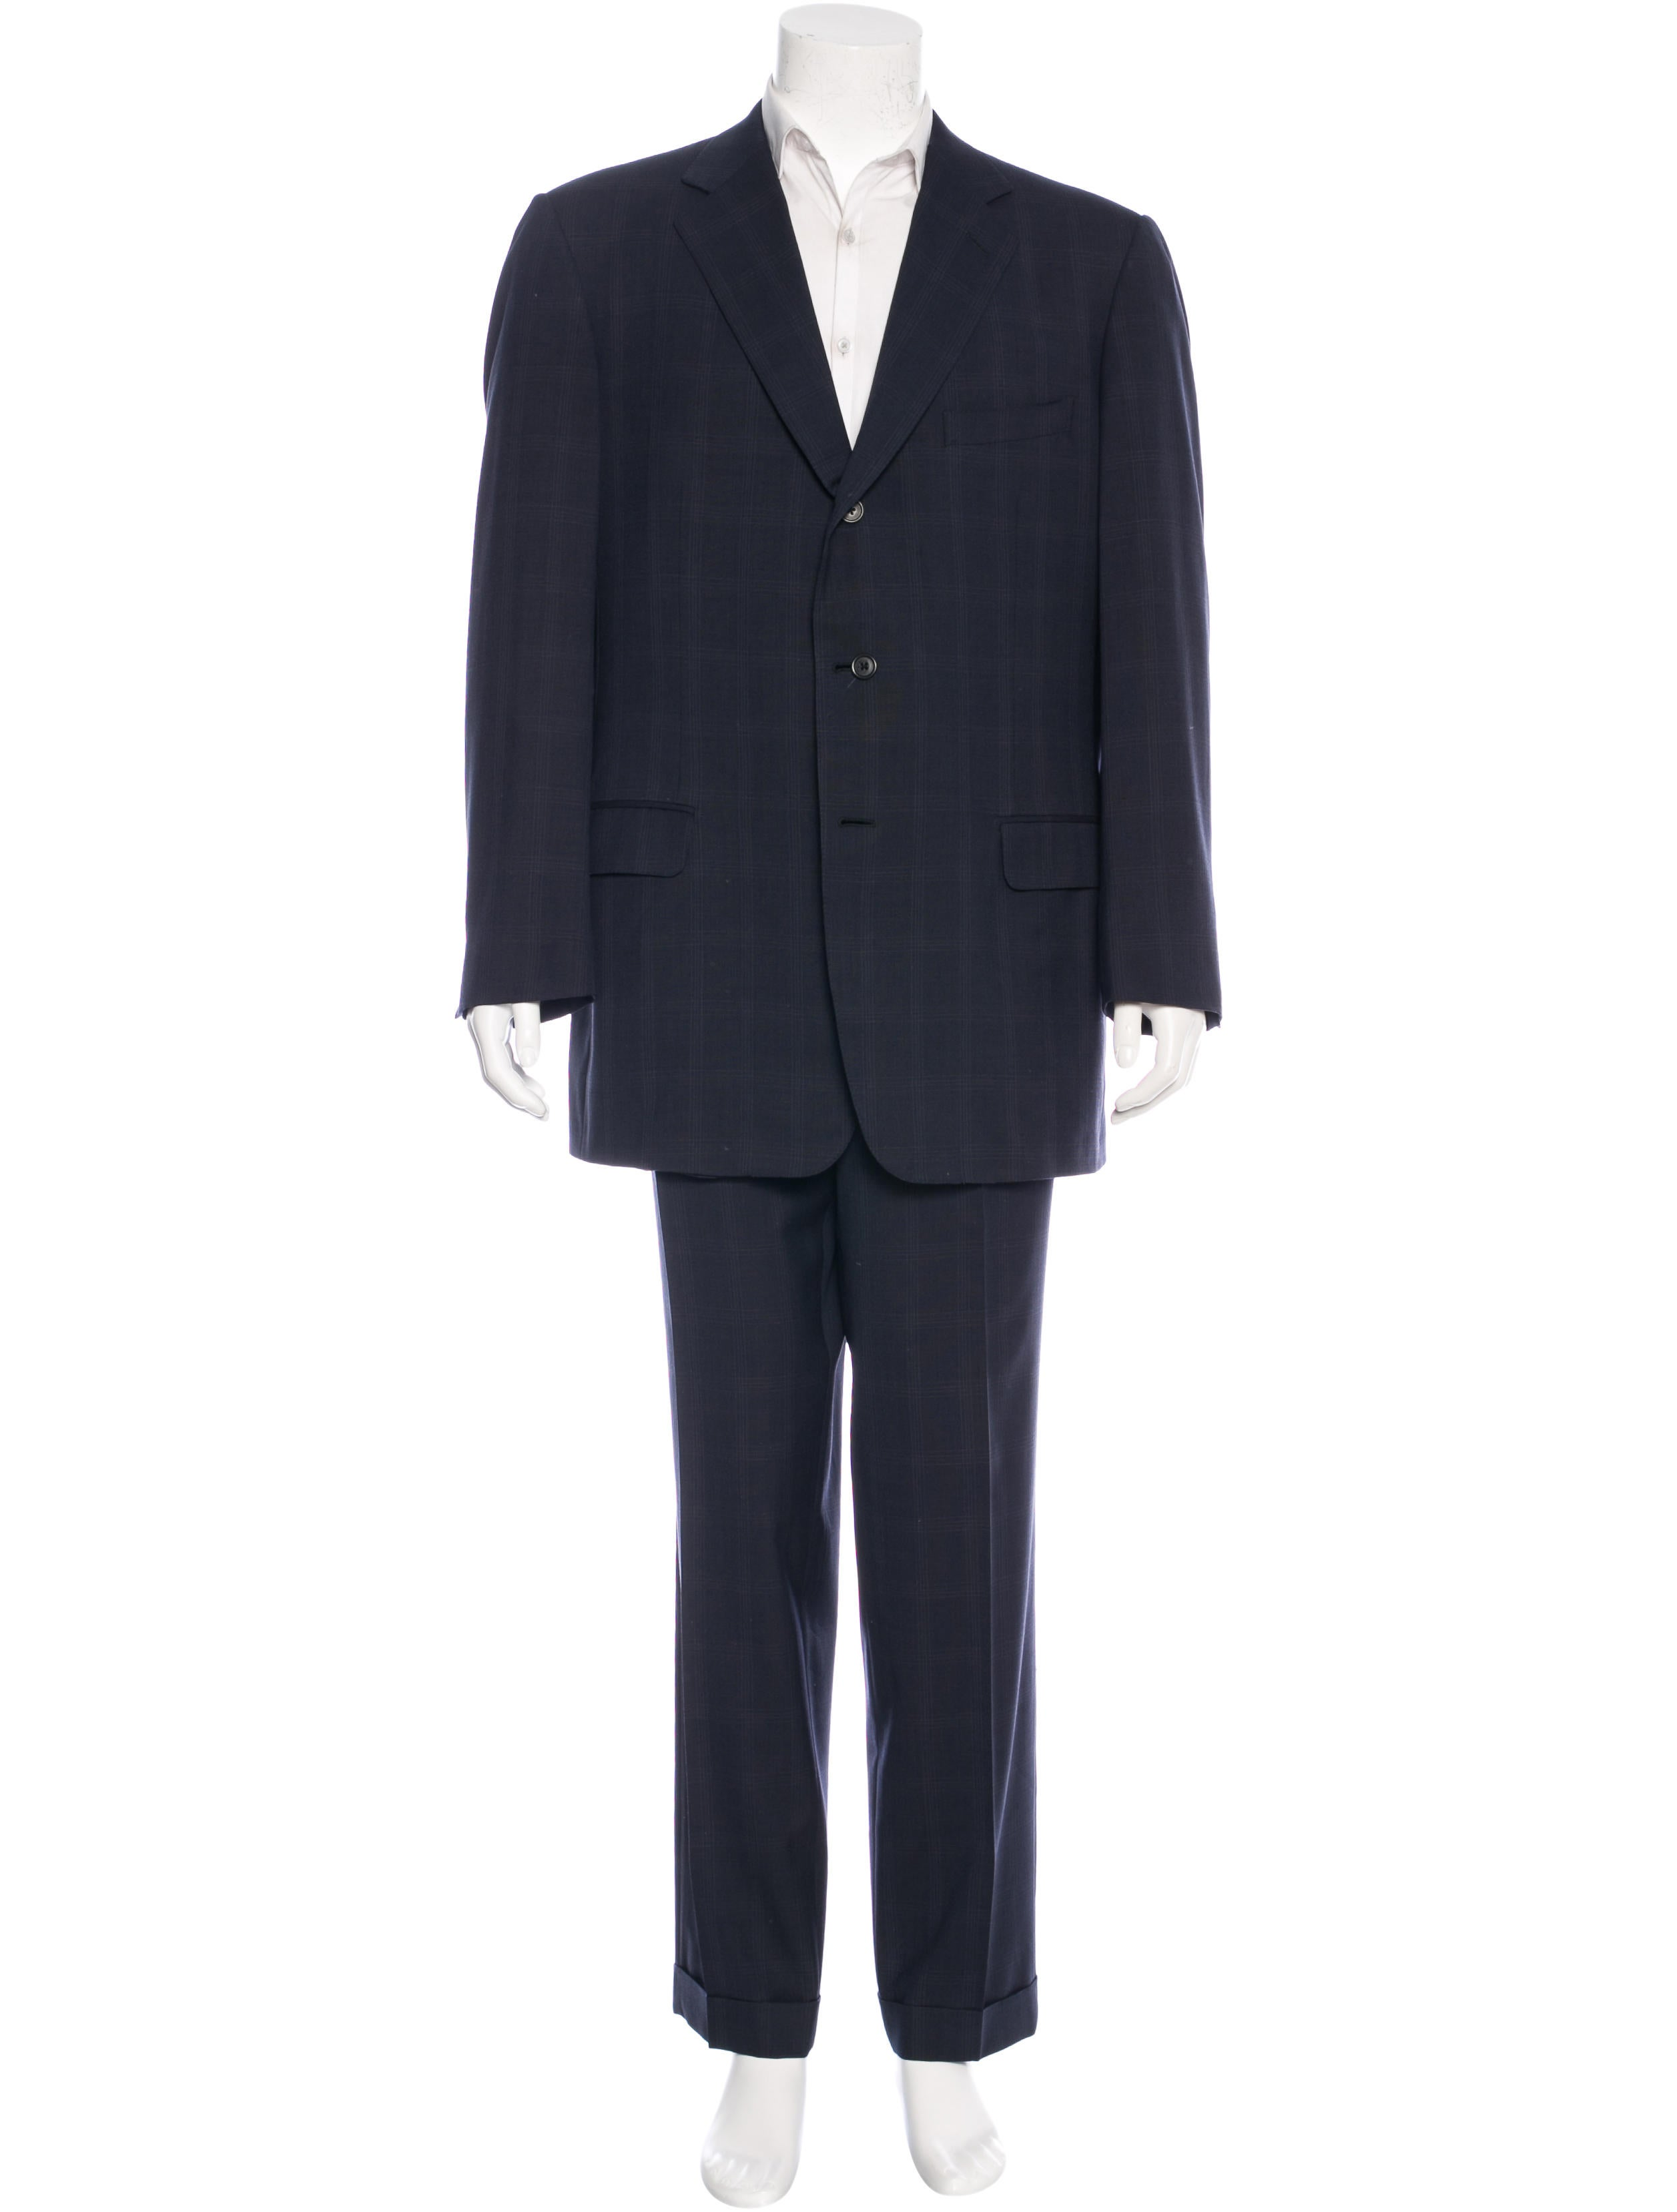 new concept 14808 5882c Ermenegildo Zegna 15 Milmil 15 Two-Piece Suit - Clothing - ZGN22993 ...